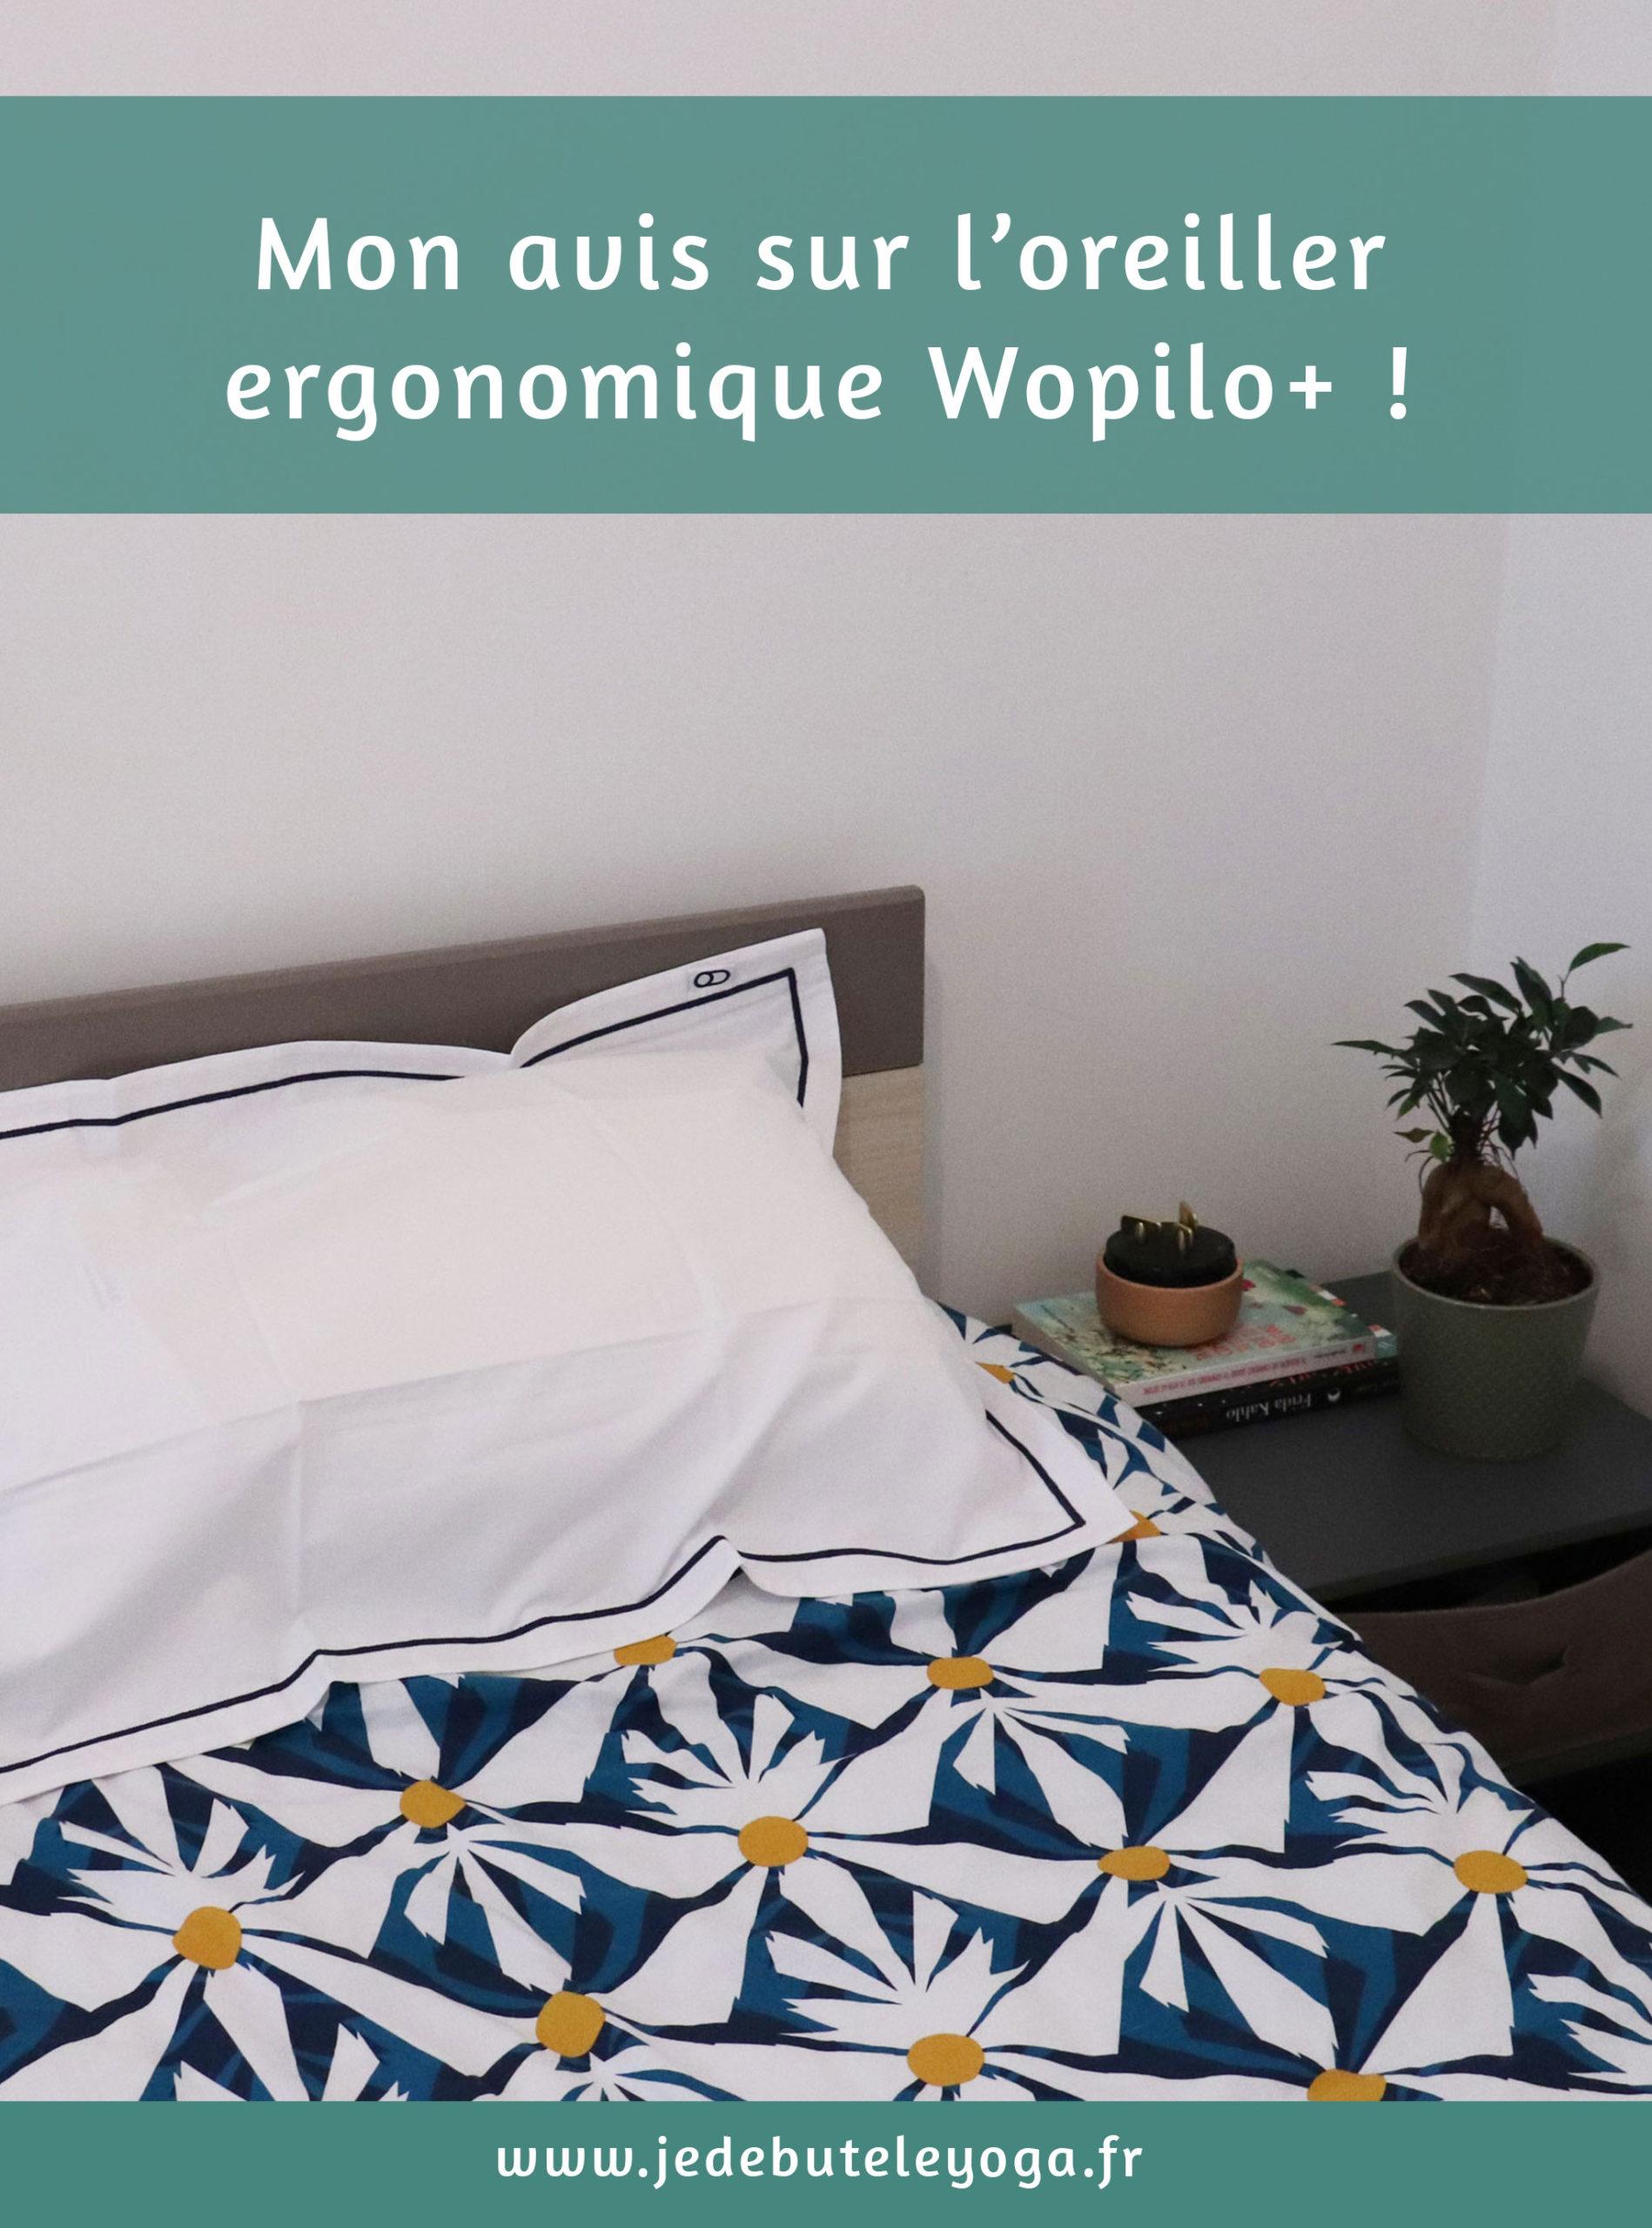 mon avis sur l'oreiller ergonomique wopilo+